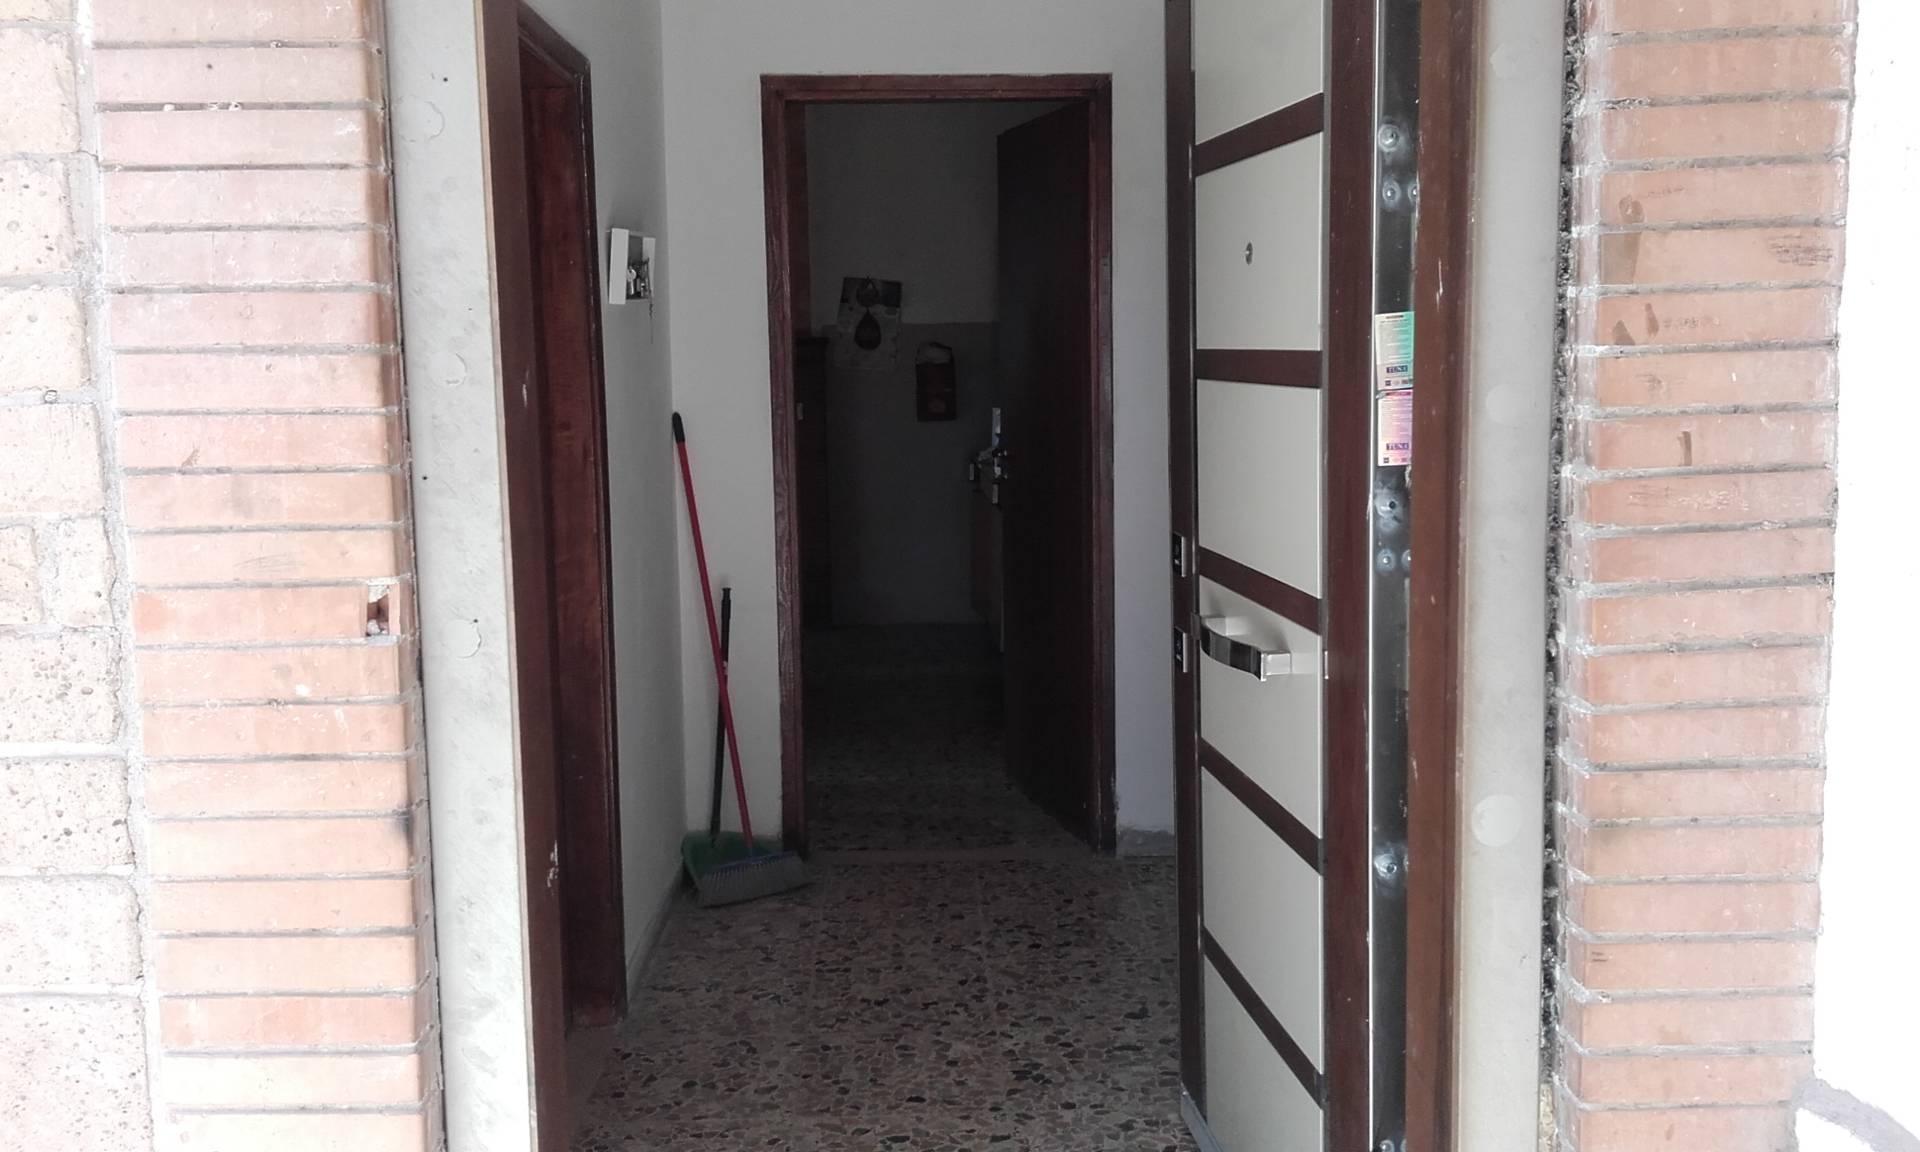 Villa in vendita a Cassino, 7 locali, zona Località: S.AngeloinTheodice, prezzo € 300.000 | Cambio Casa.it